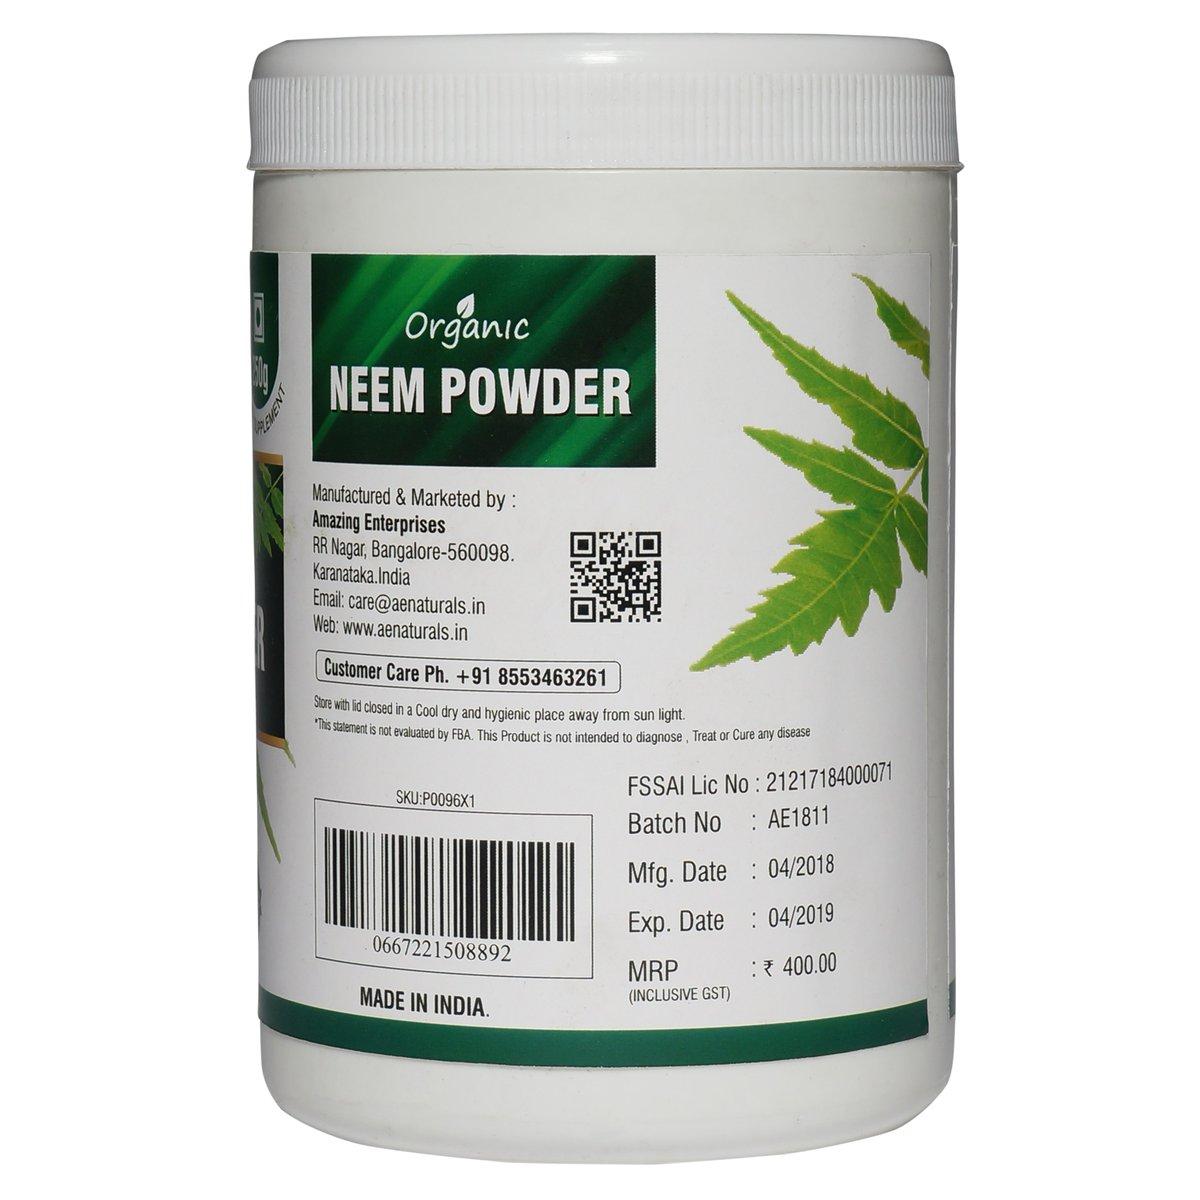 neempowder hashtag on Twitter